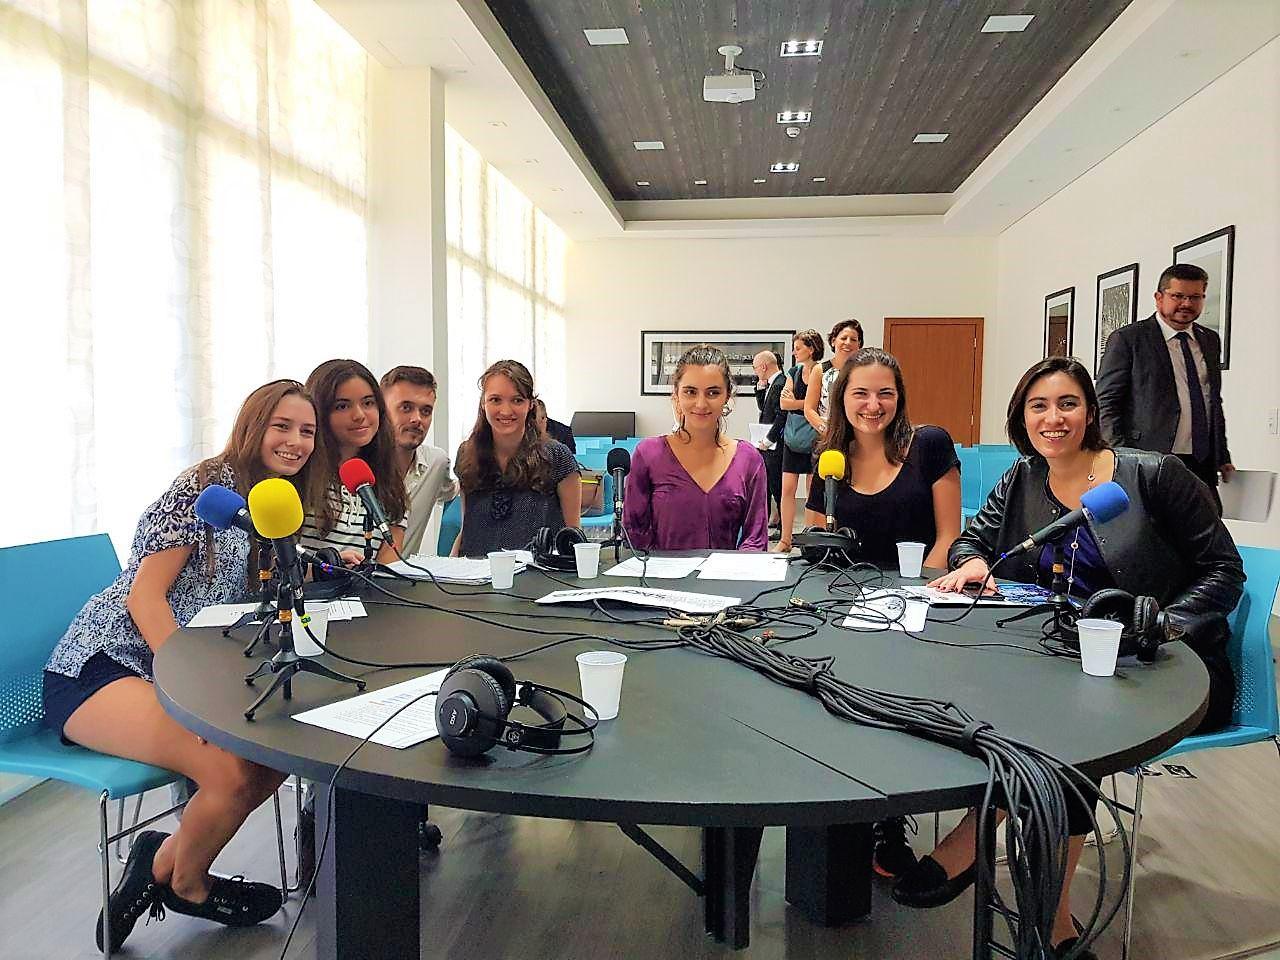 Projet WebRadio avec les élèves du Lycée Pasteur à Sao Paulo